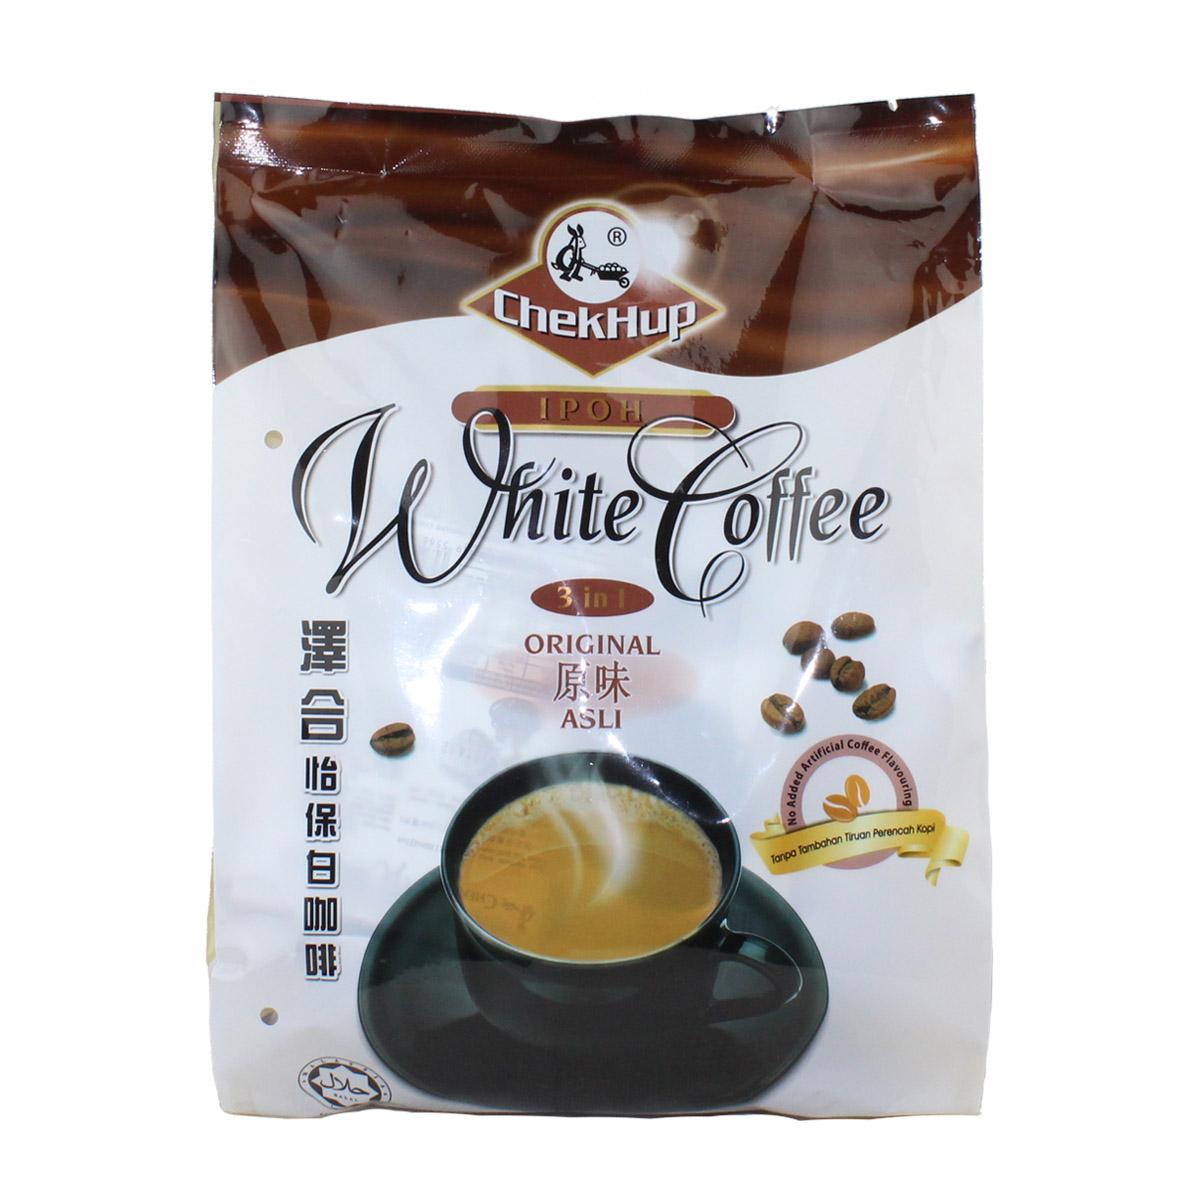 咖啡原味超滑速溶澤合怡保白 進口馬來西亞_速溶咖啡 咖啡豆 粉_一號門